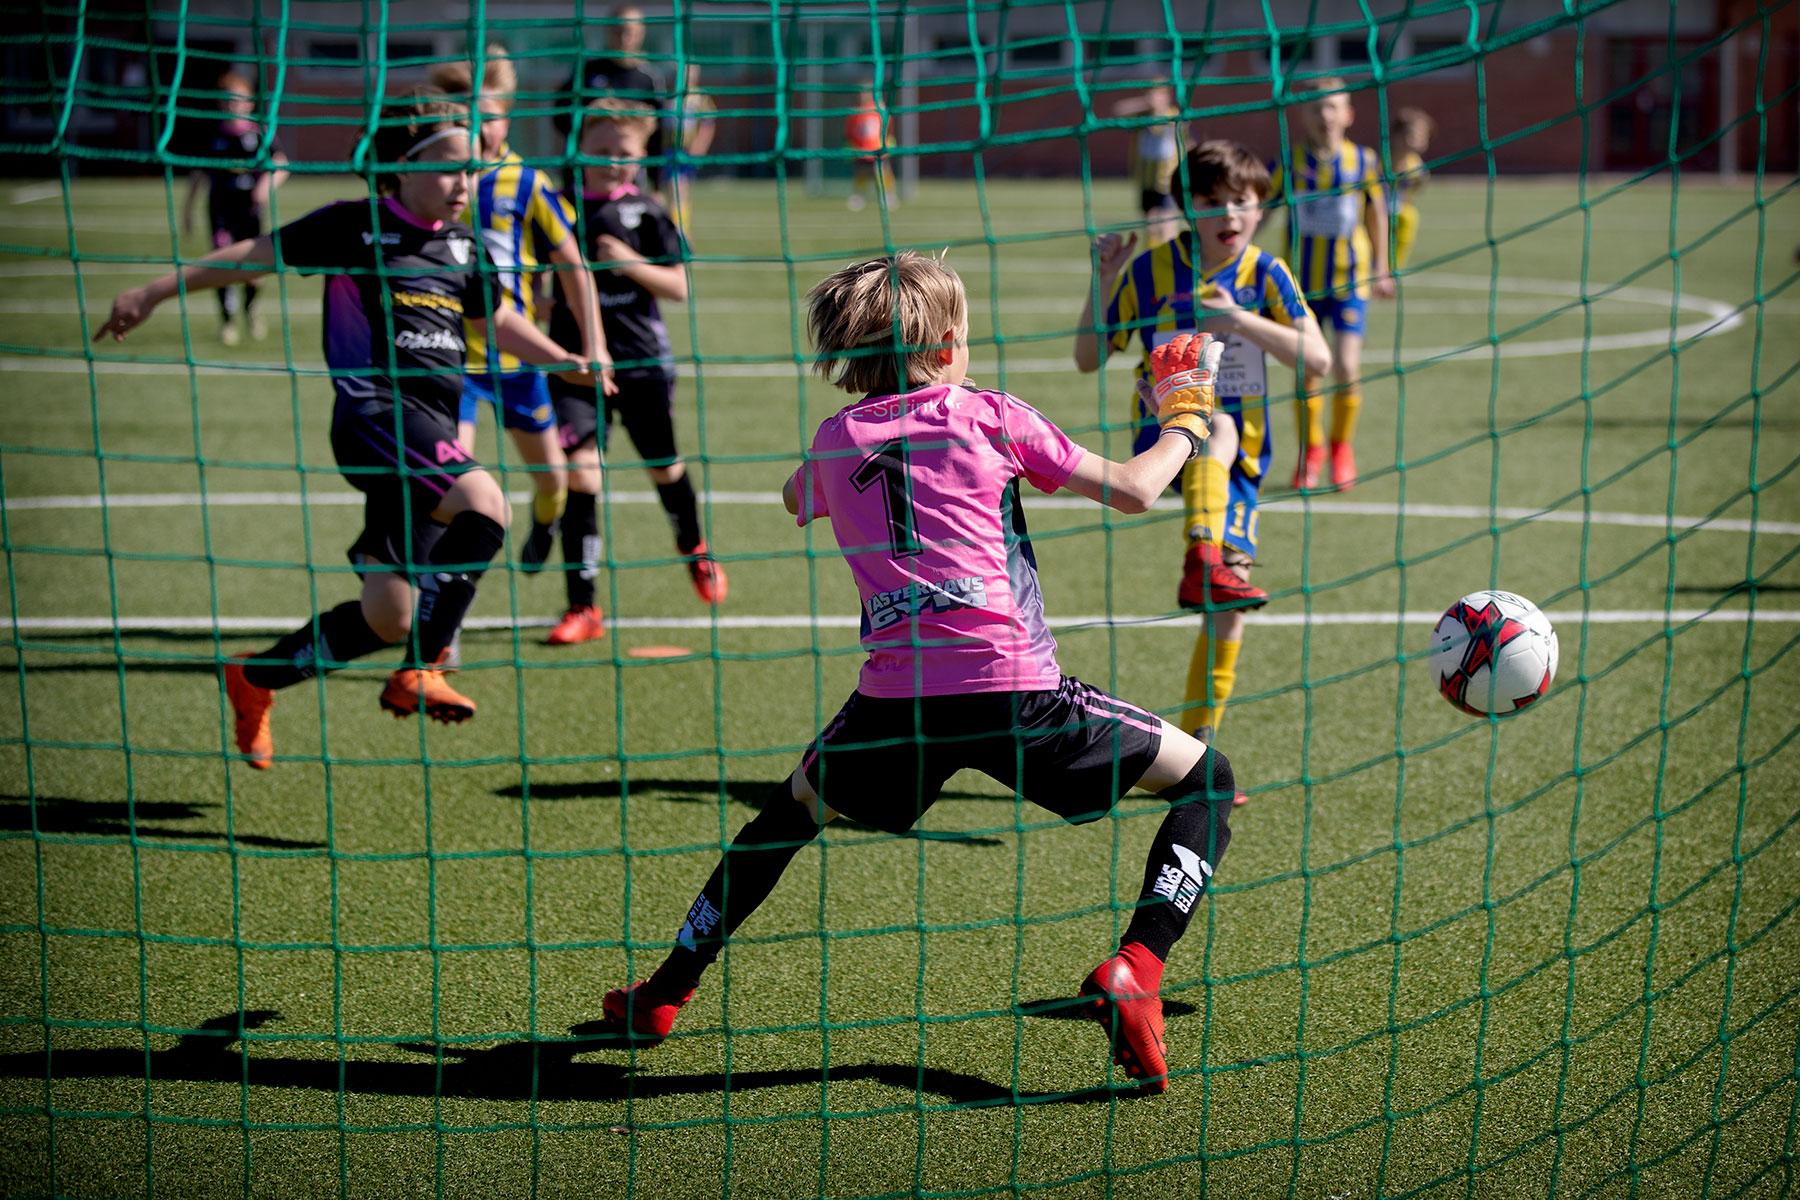 blogg-190511kullavikfotboll12.jpg